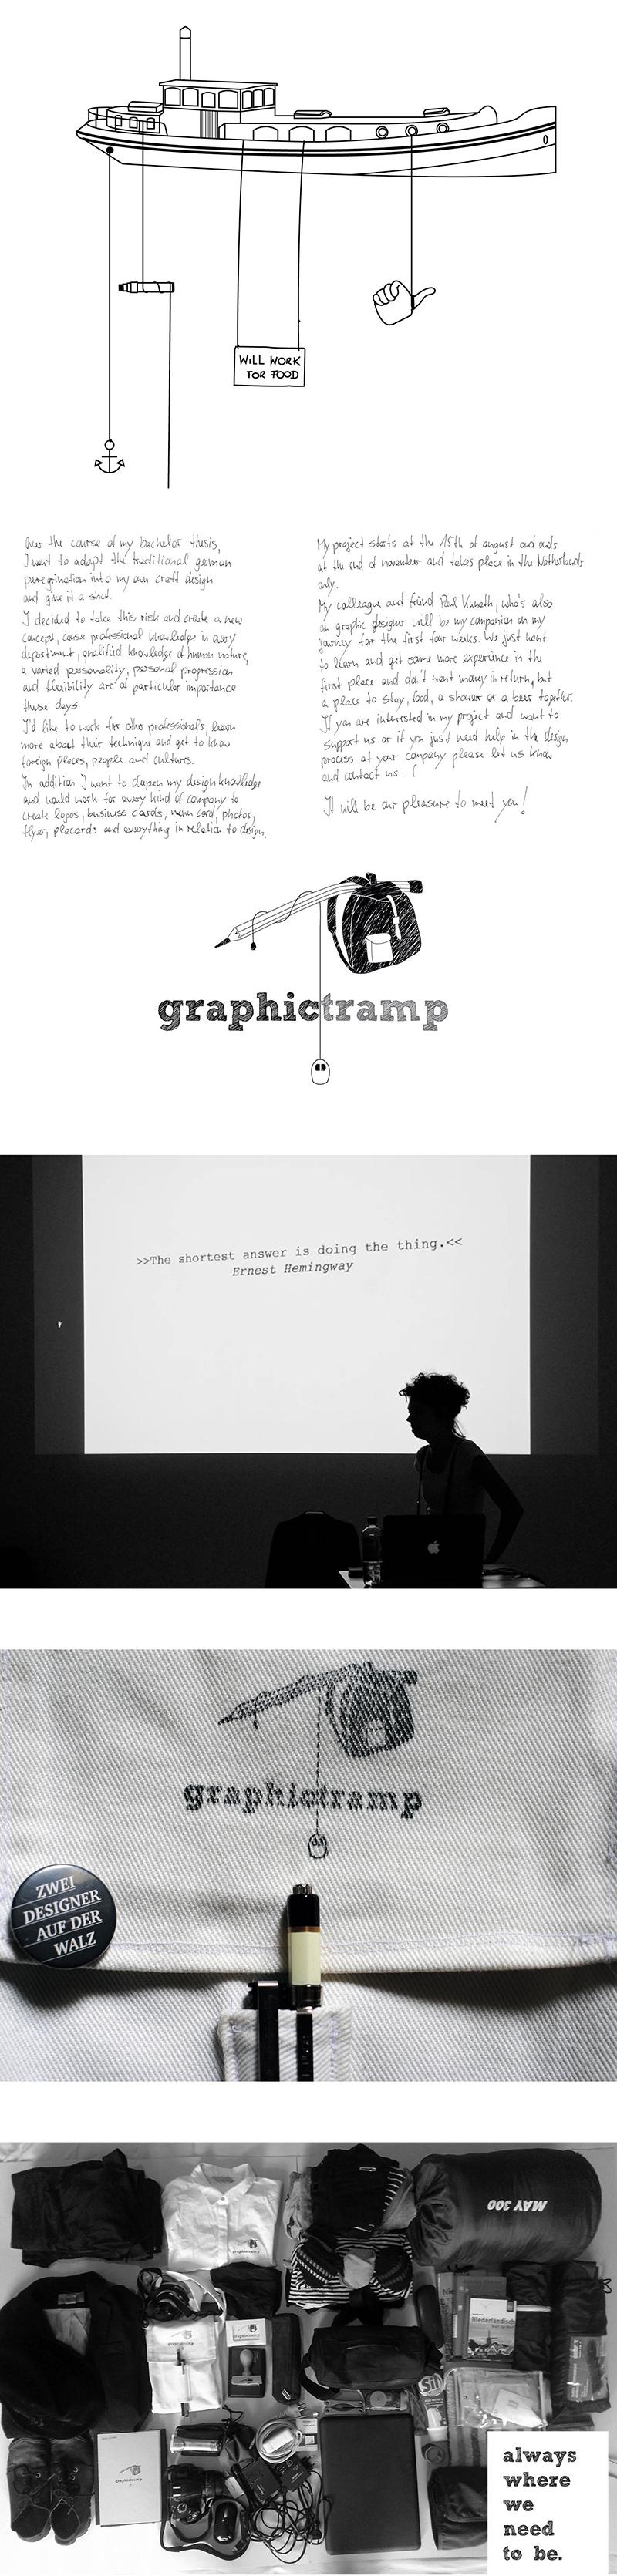 portfolio_graphictramp2_800